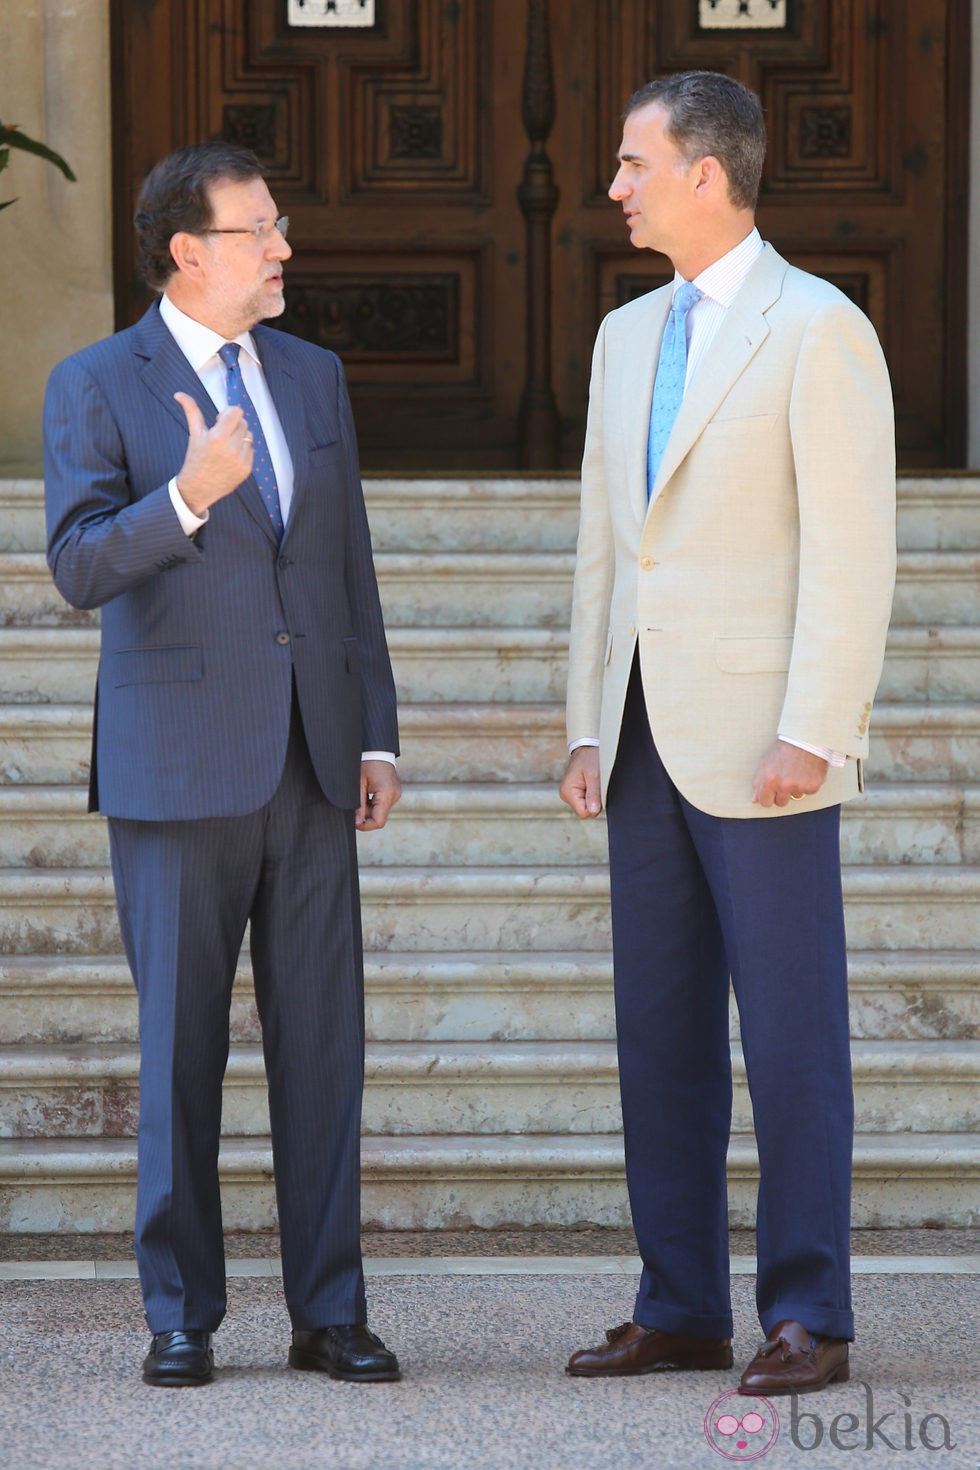 ¿Cuánto mide Mariano Rajoy? - Altura - Real height 61896_mariano-rajoy-rey-felipe-intercambian-paabras-llegada-entrada-palacio-marivent